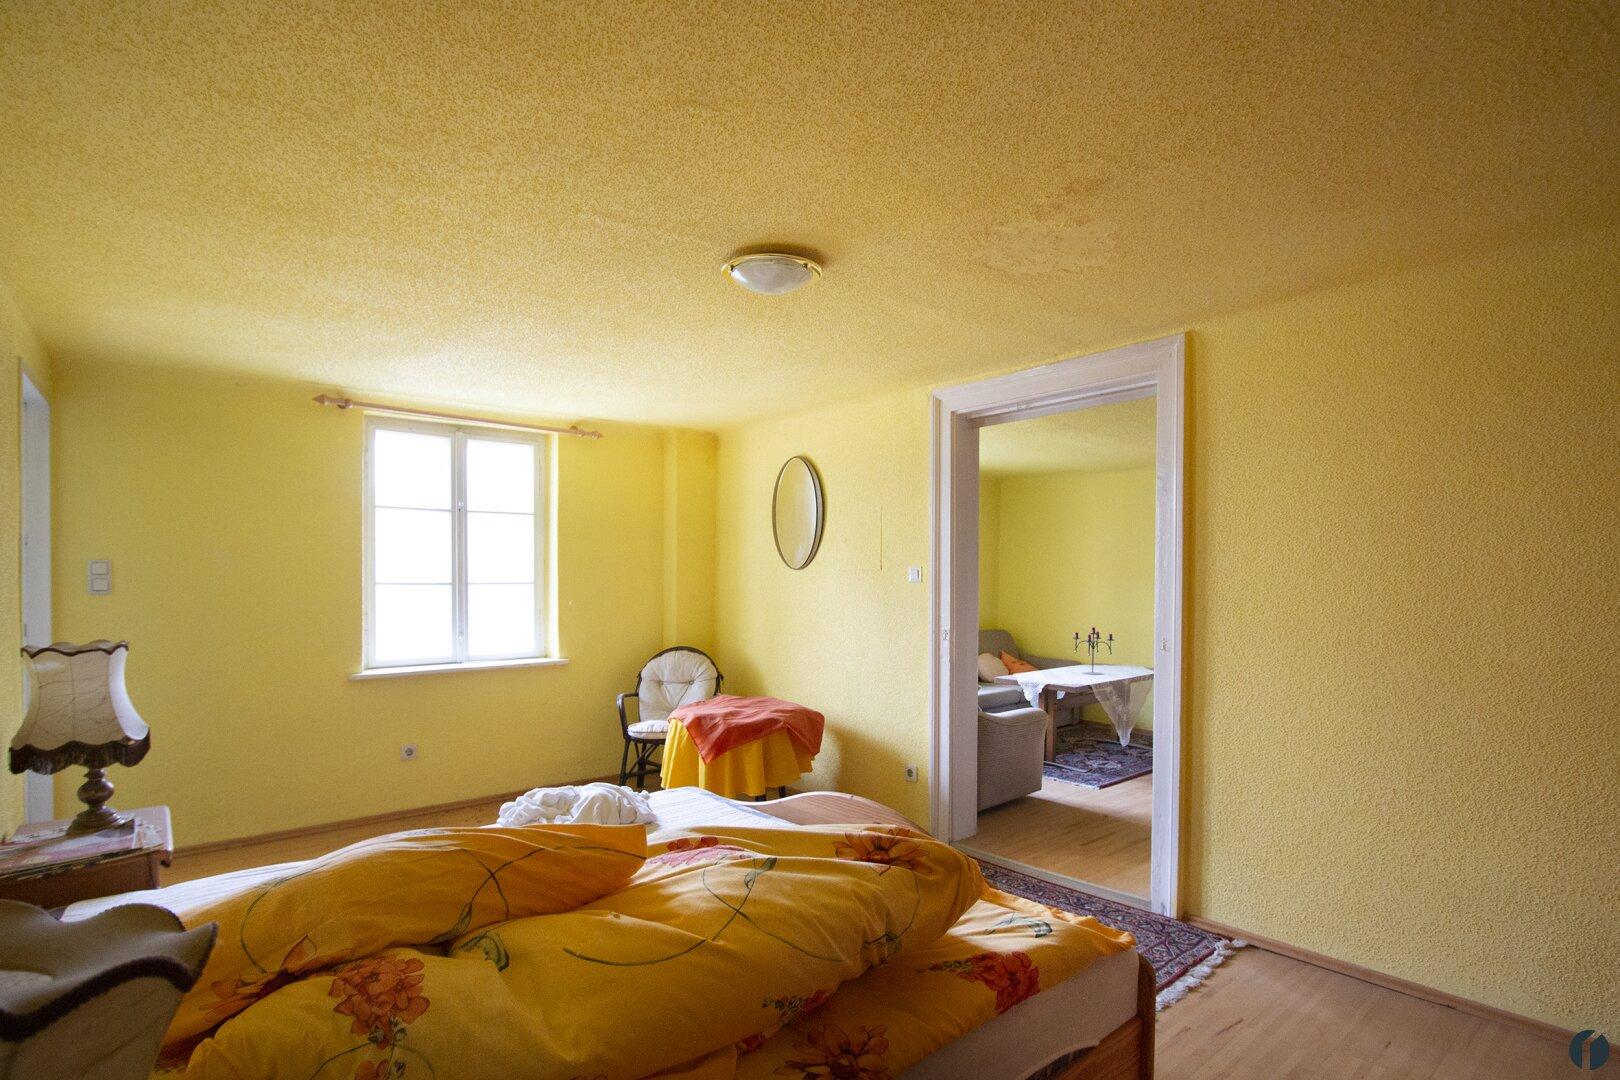 Wohnung Nebengebäude Obergeschoss